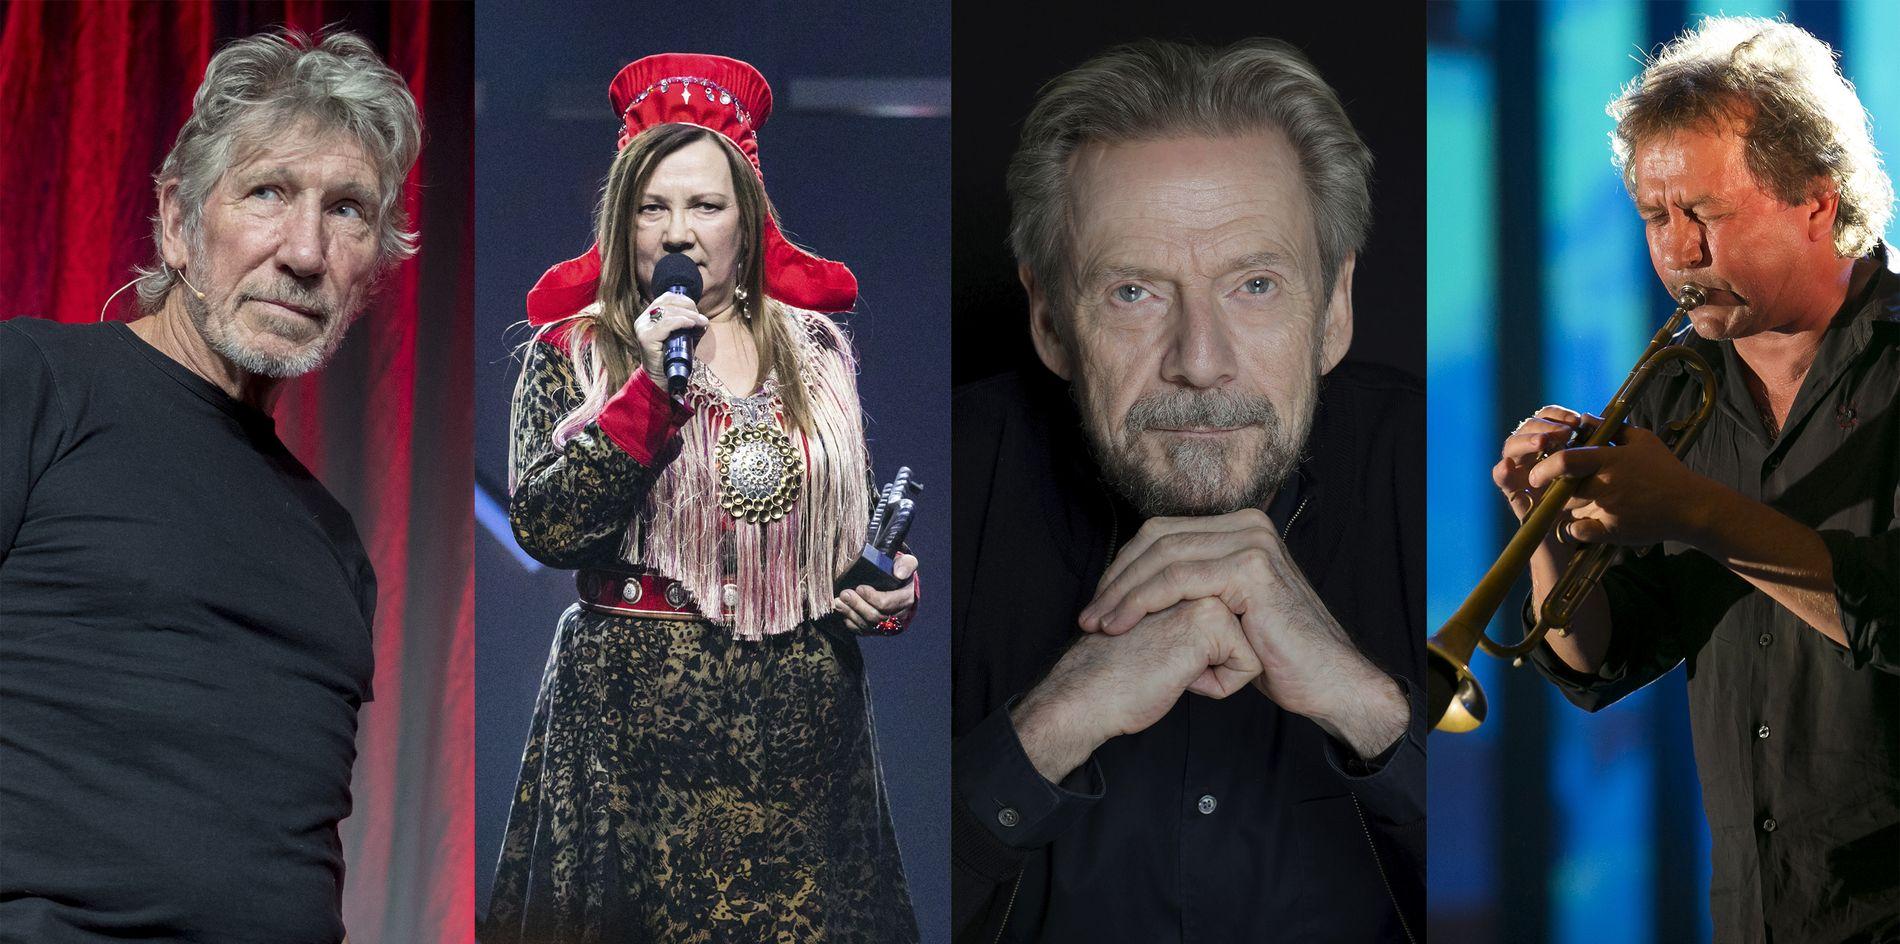 ISRAEL-BOIKOTT: Roger Waters, Mari Boine, Jesper Christensen og Nils Petter Molvær står på listen av artister og filmarbeidere som vil boikotte Eurovision Song Contest i Israel.